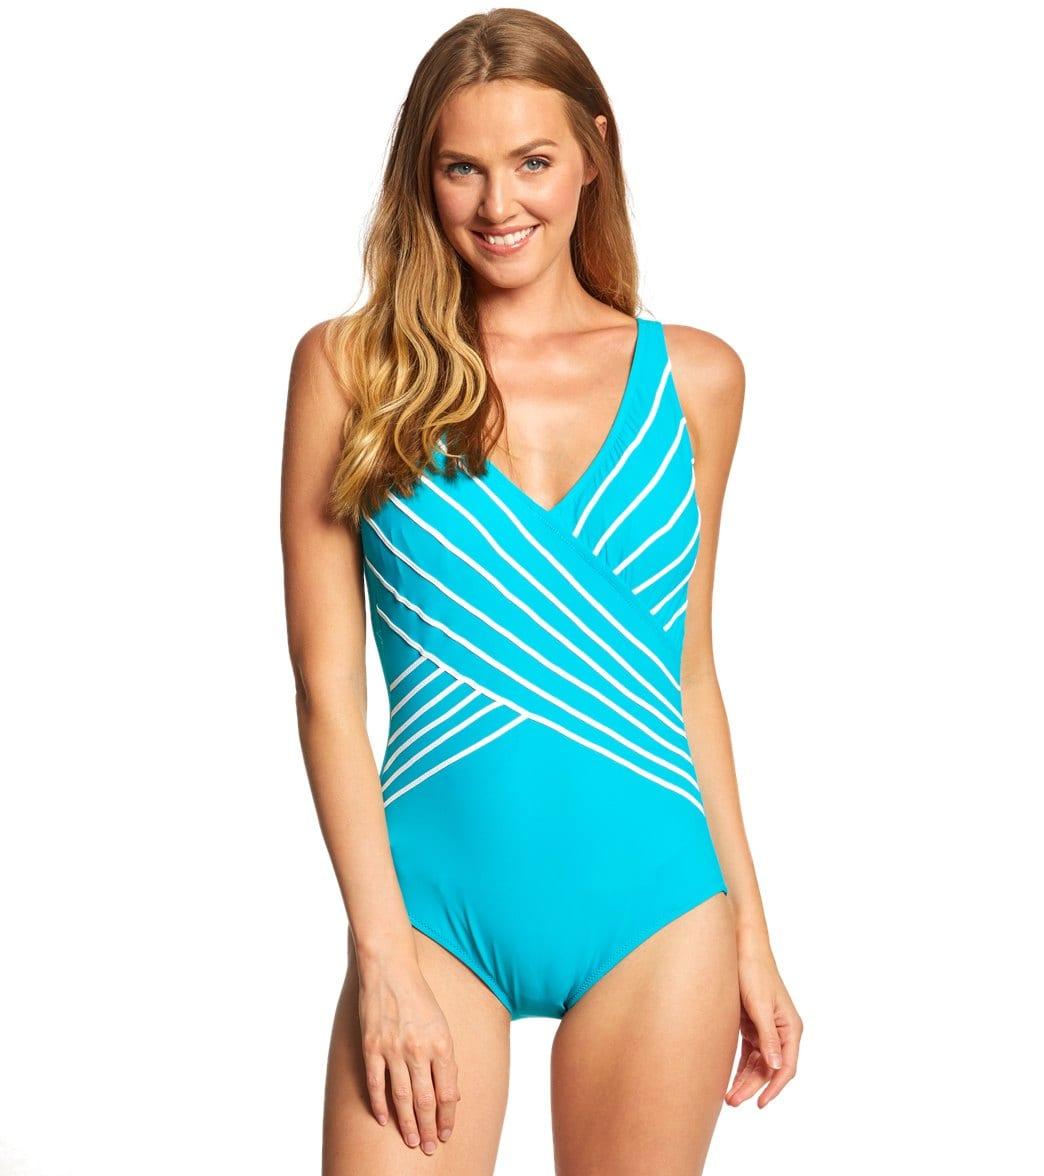 Gottex Embrace Surplice One Piece Swimsuit